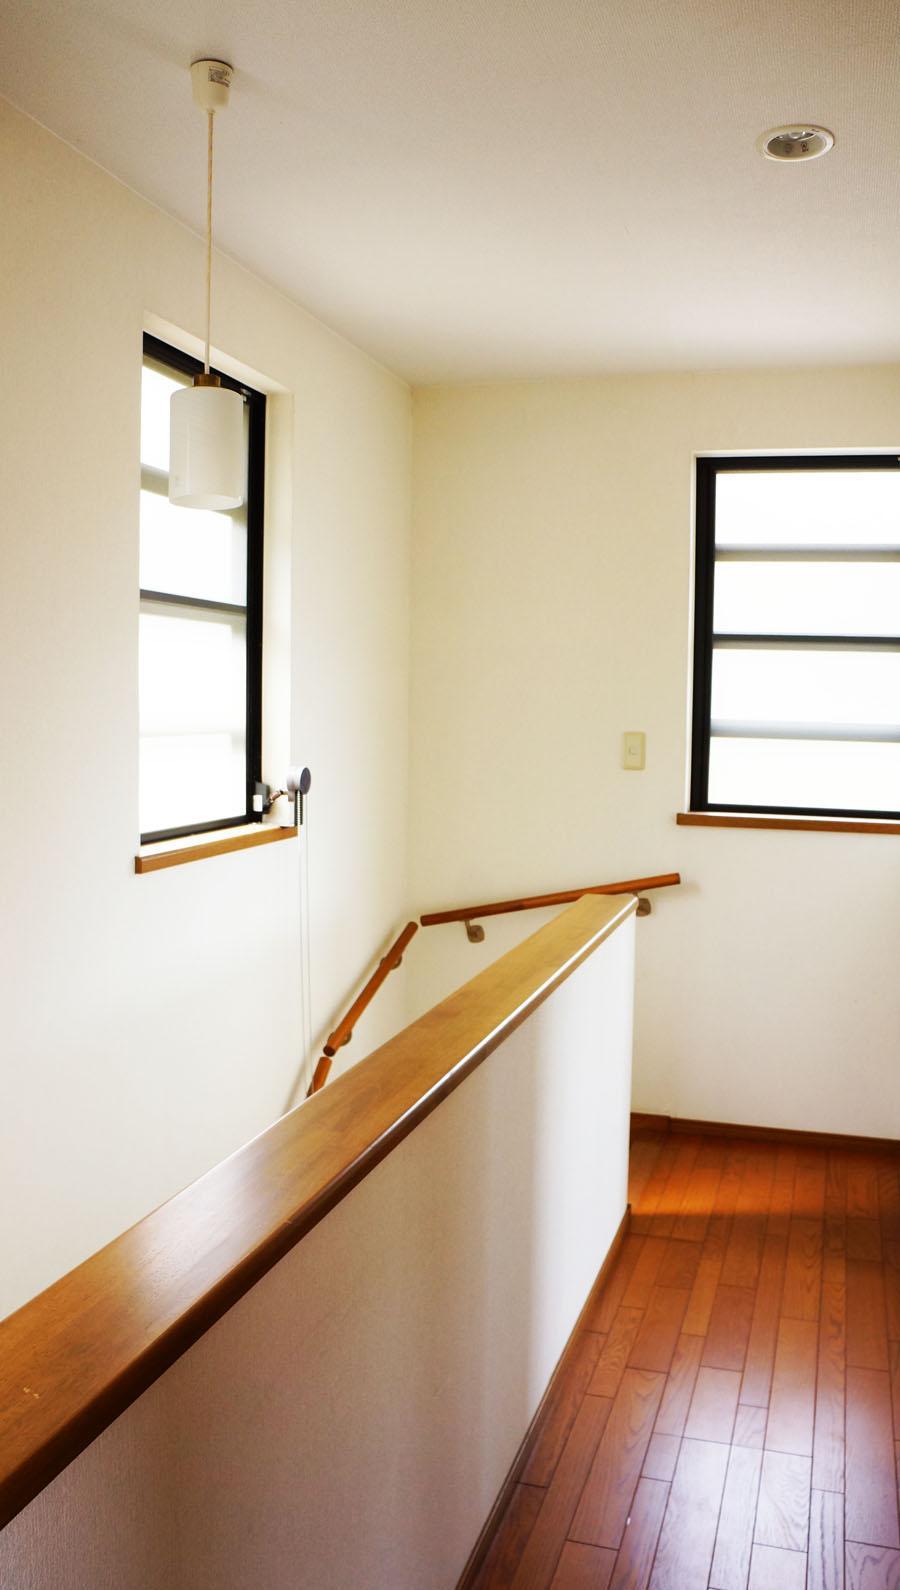 2階の廊下・階段部分。